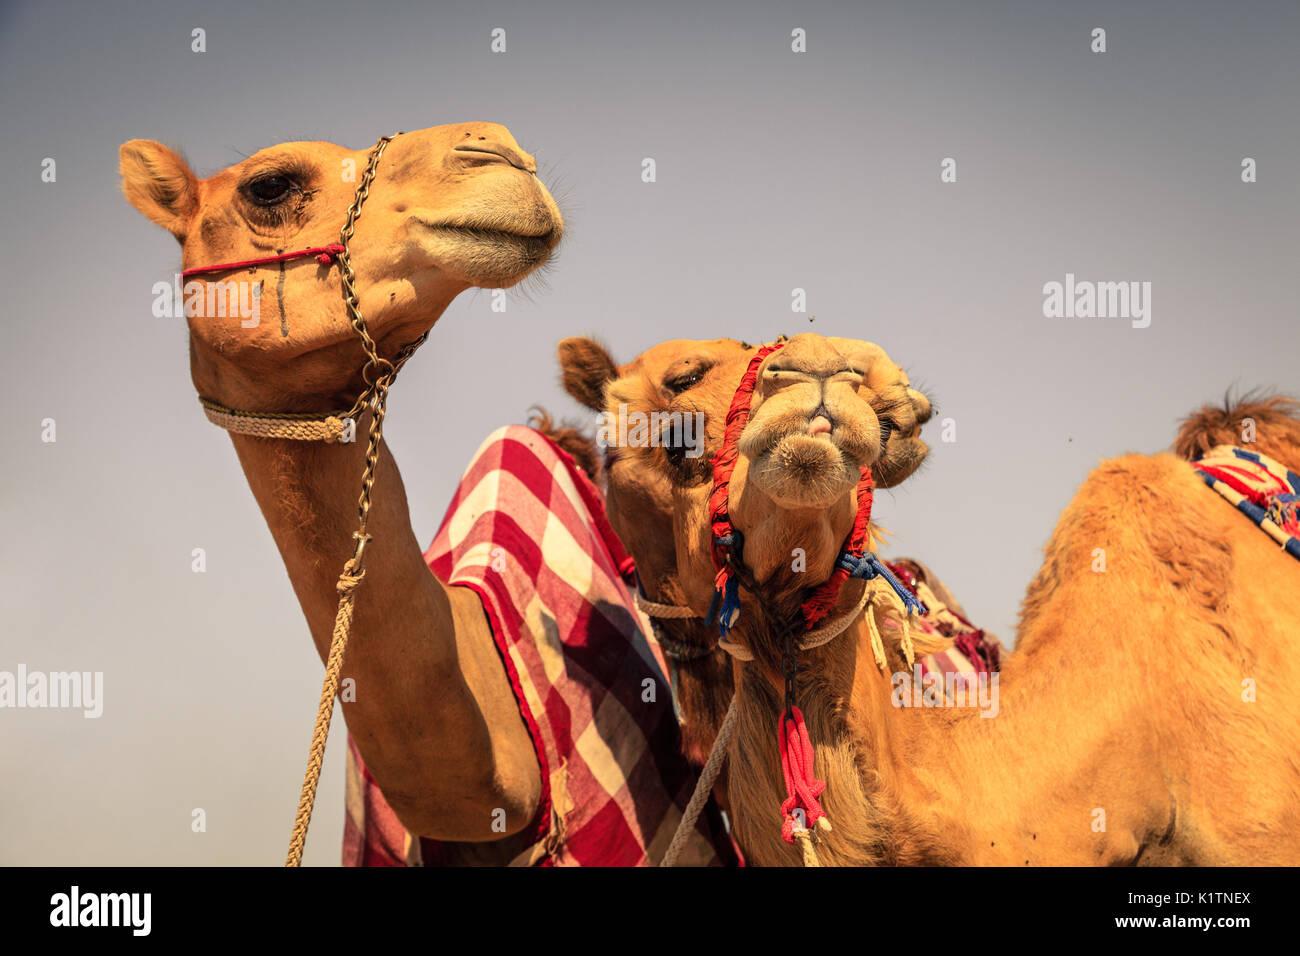 Corse di cammelli a Dubai Camel Racing Club, EMIRATI ARABI UNITI Immagini Stock